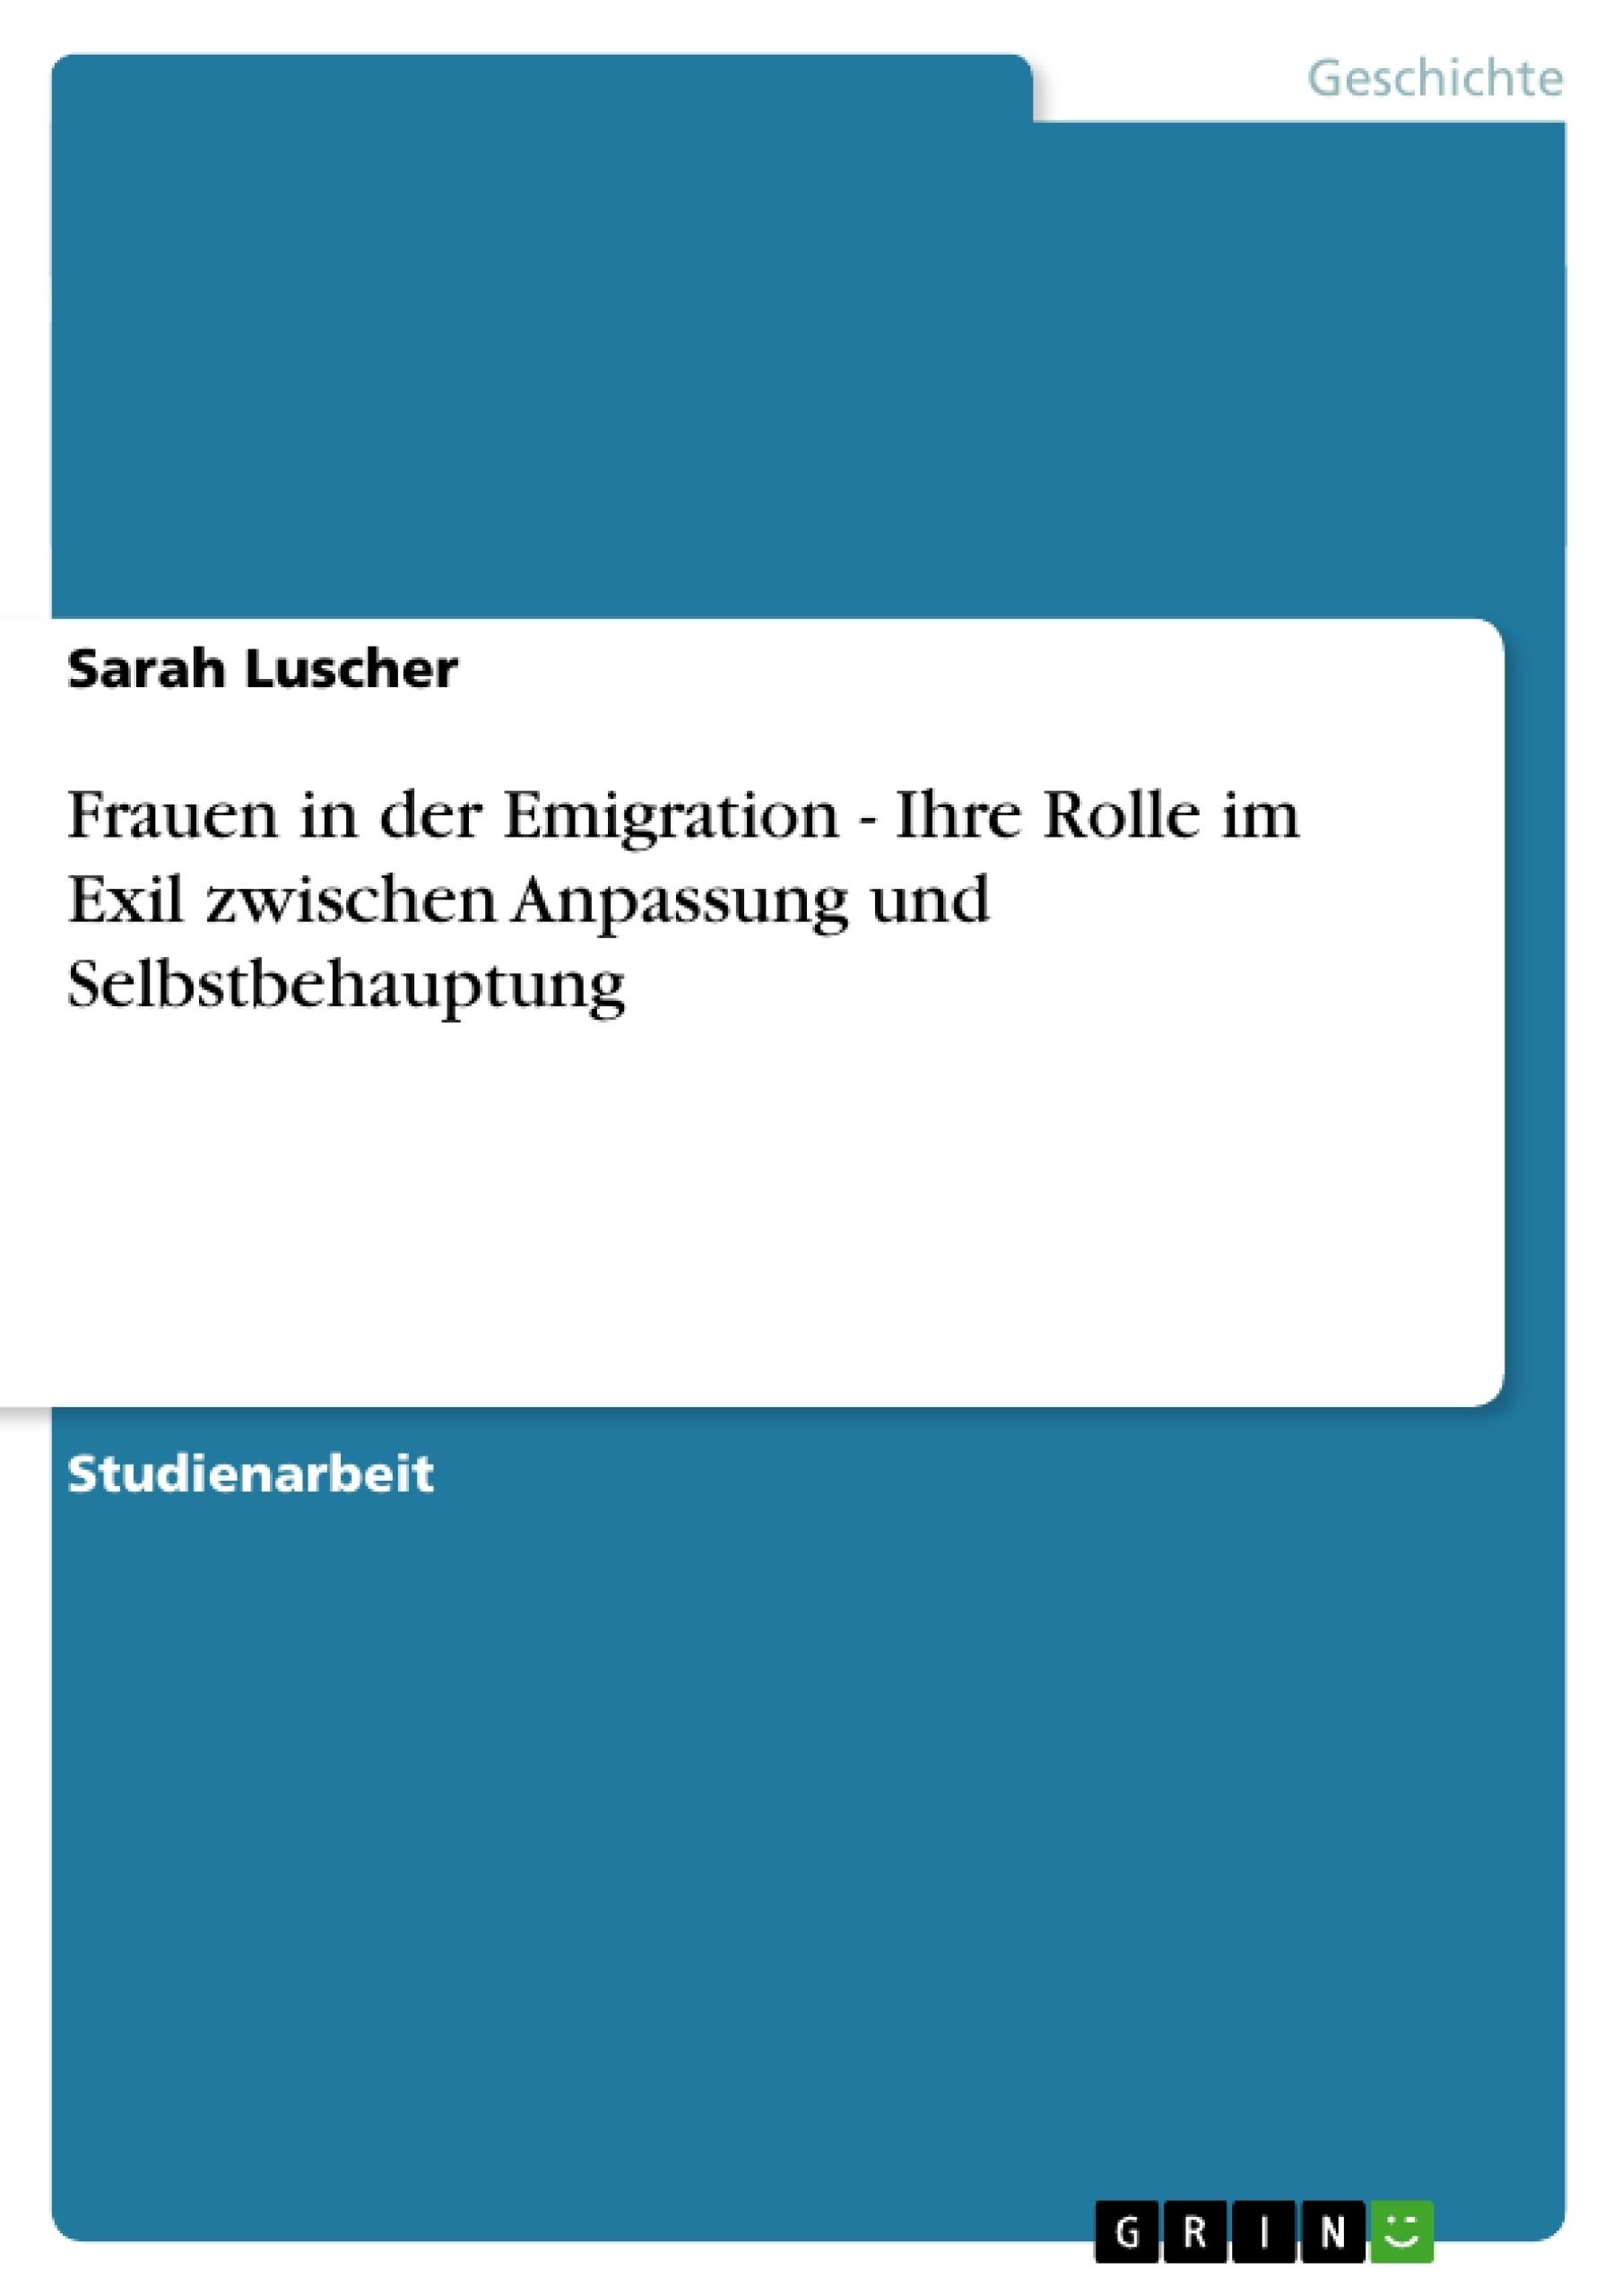 Titel: Frauen in der Emigration - Ihre Rolle im Exil zwischen Anpassung und Selbstbehauptung